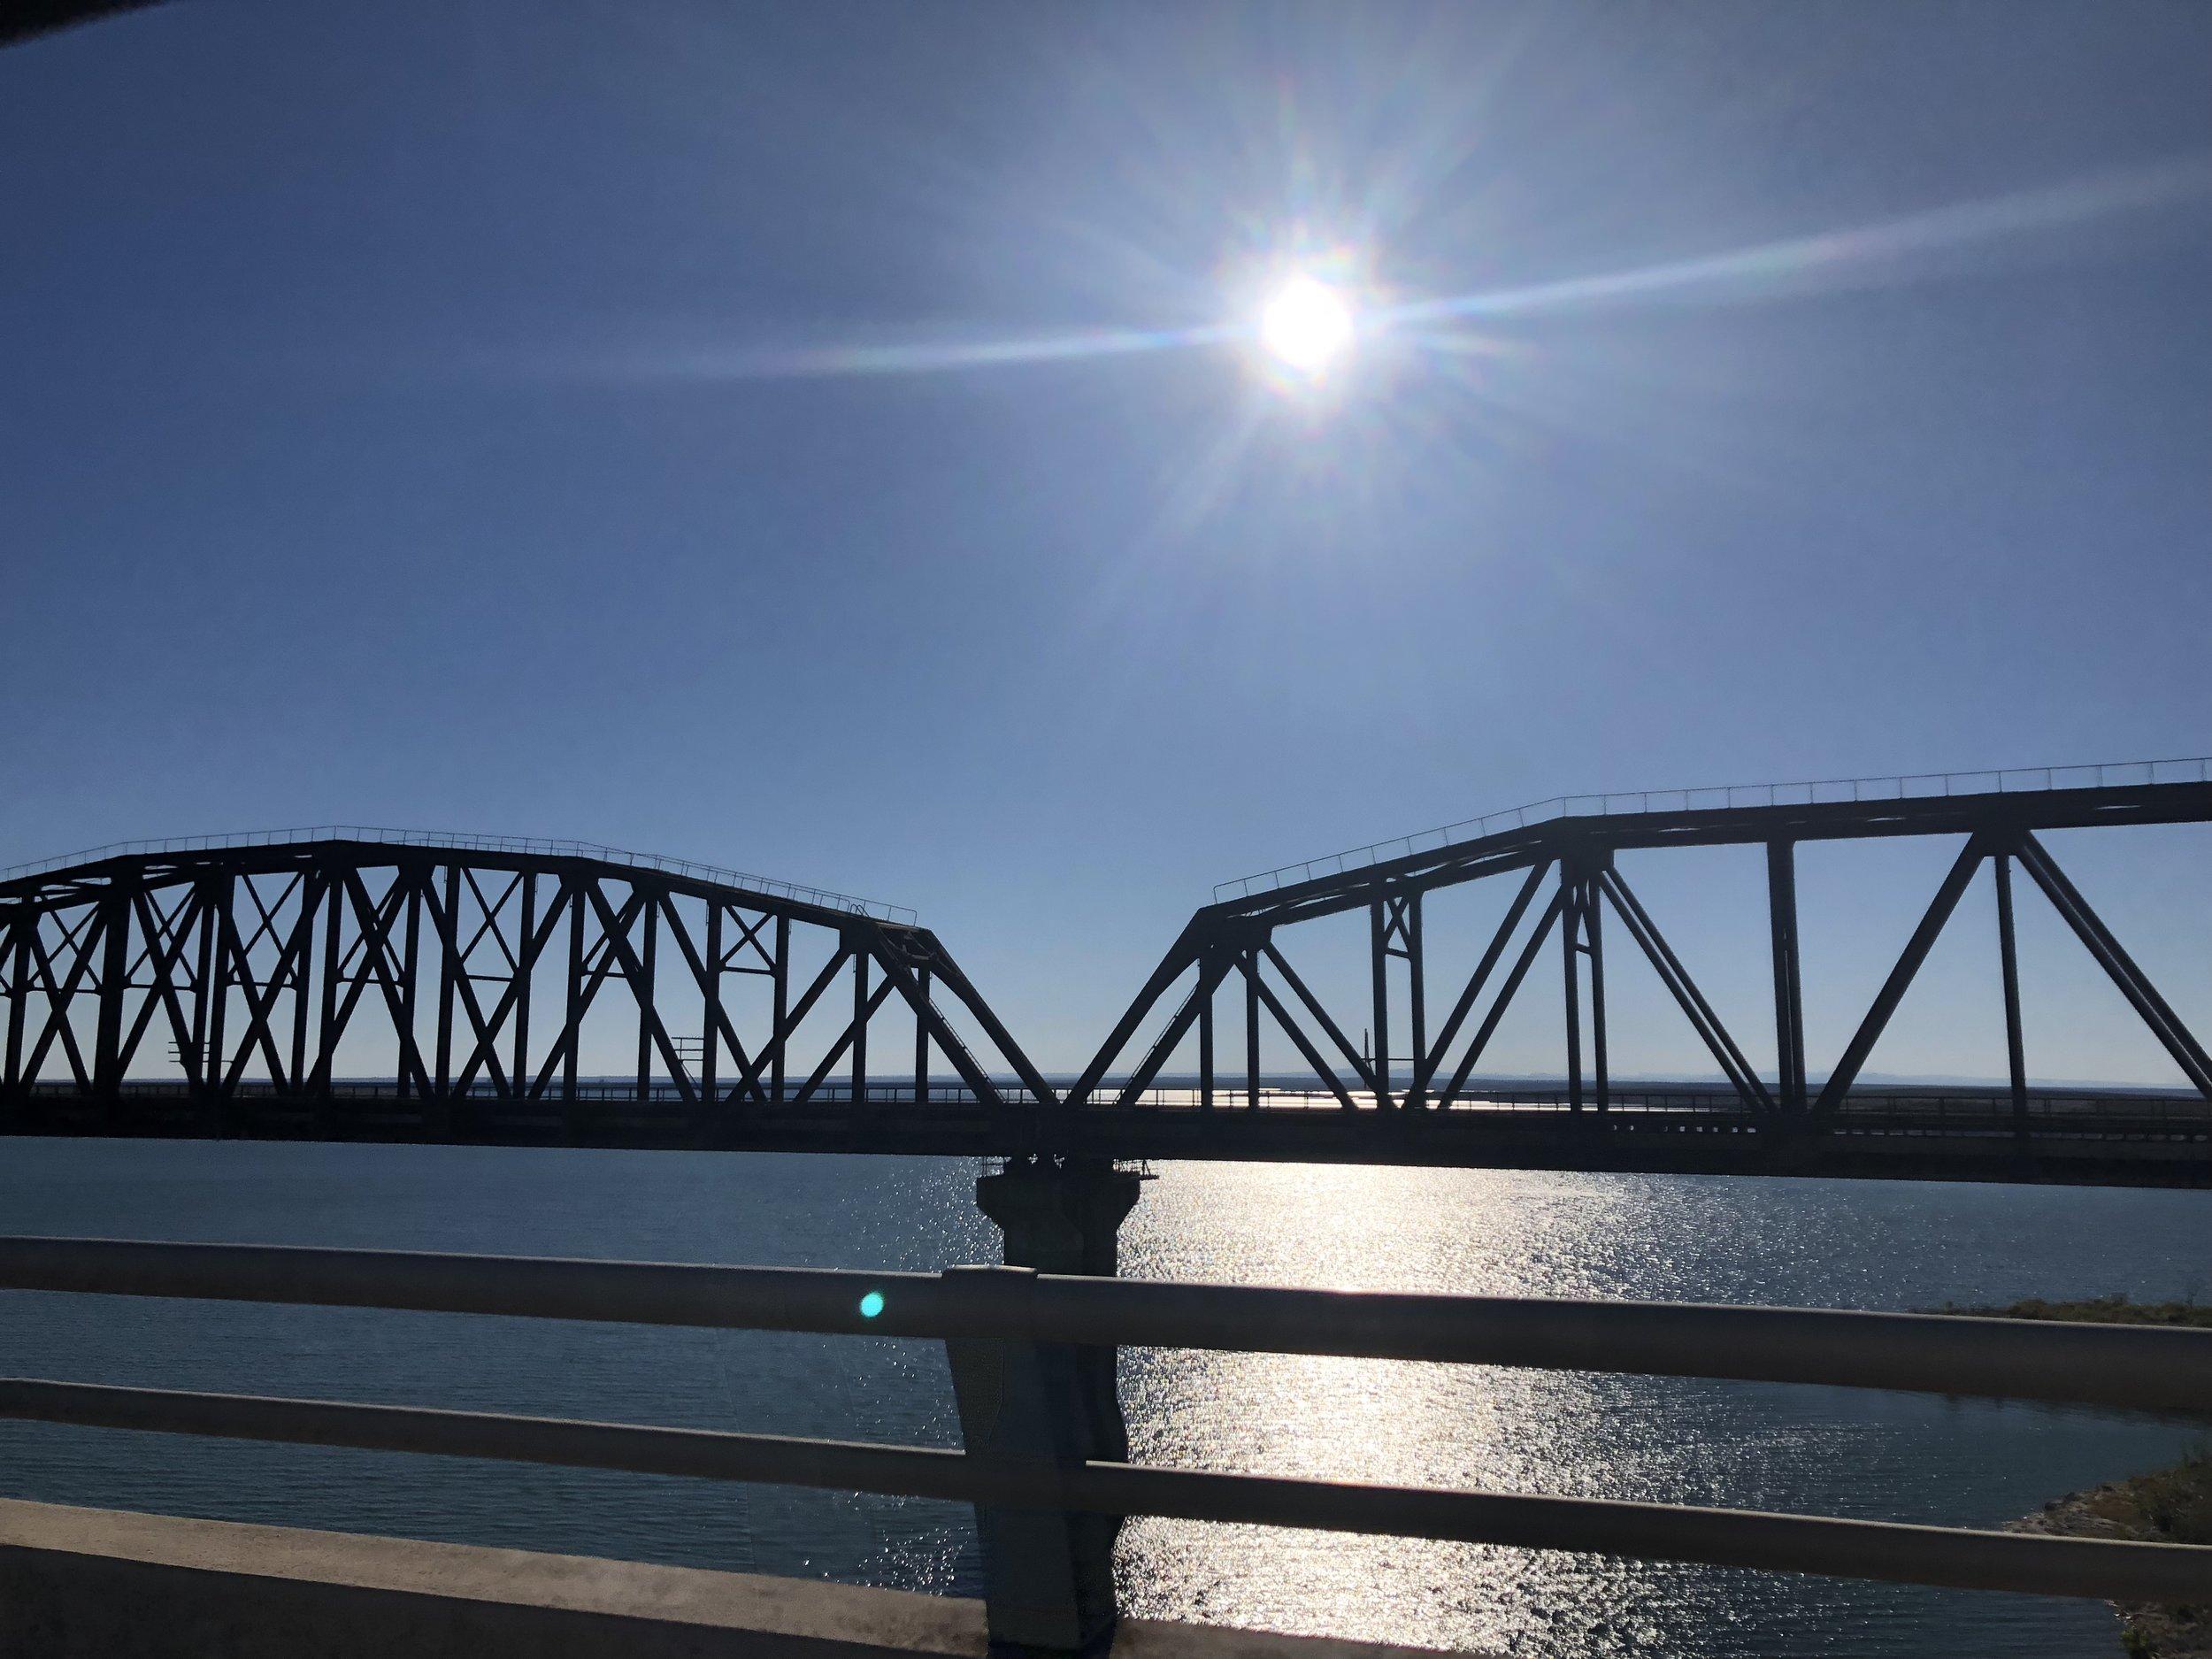 The bridge we drove across.